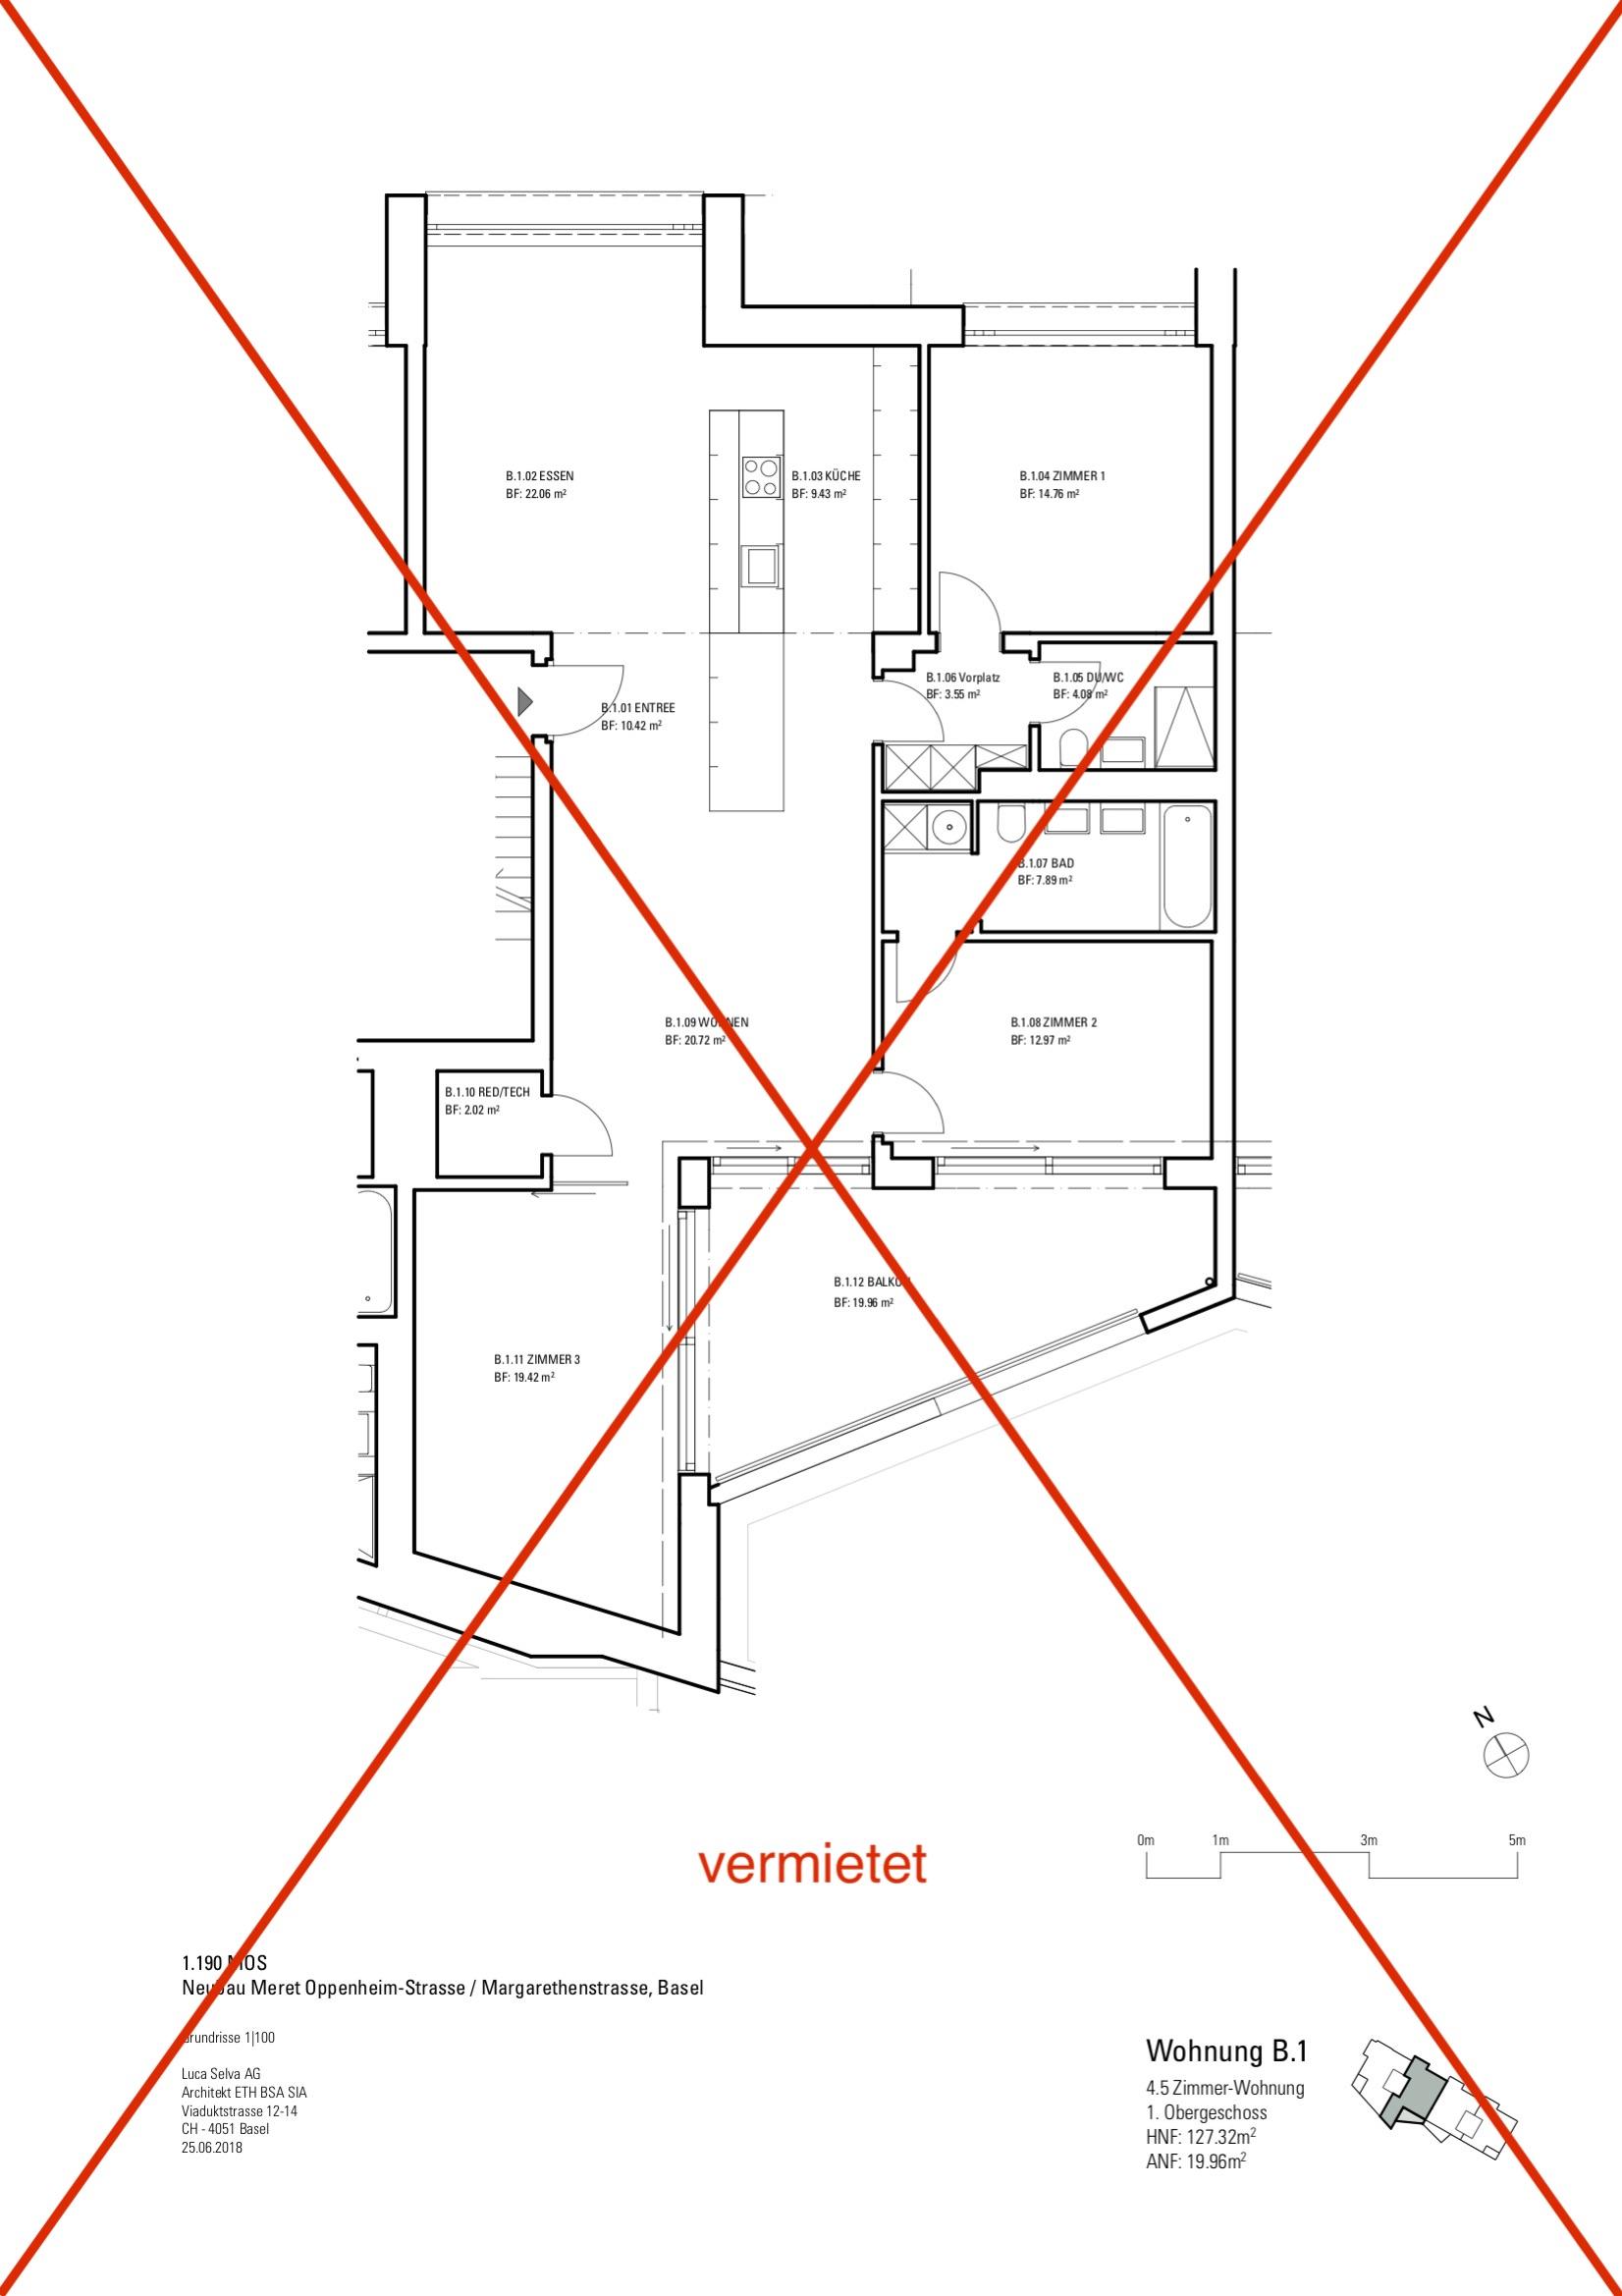 Wohnung B1 vermietet.jpg